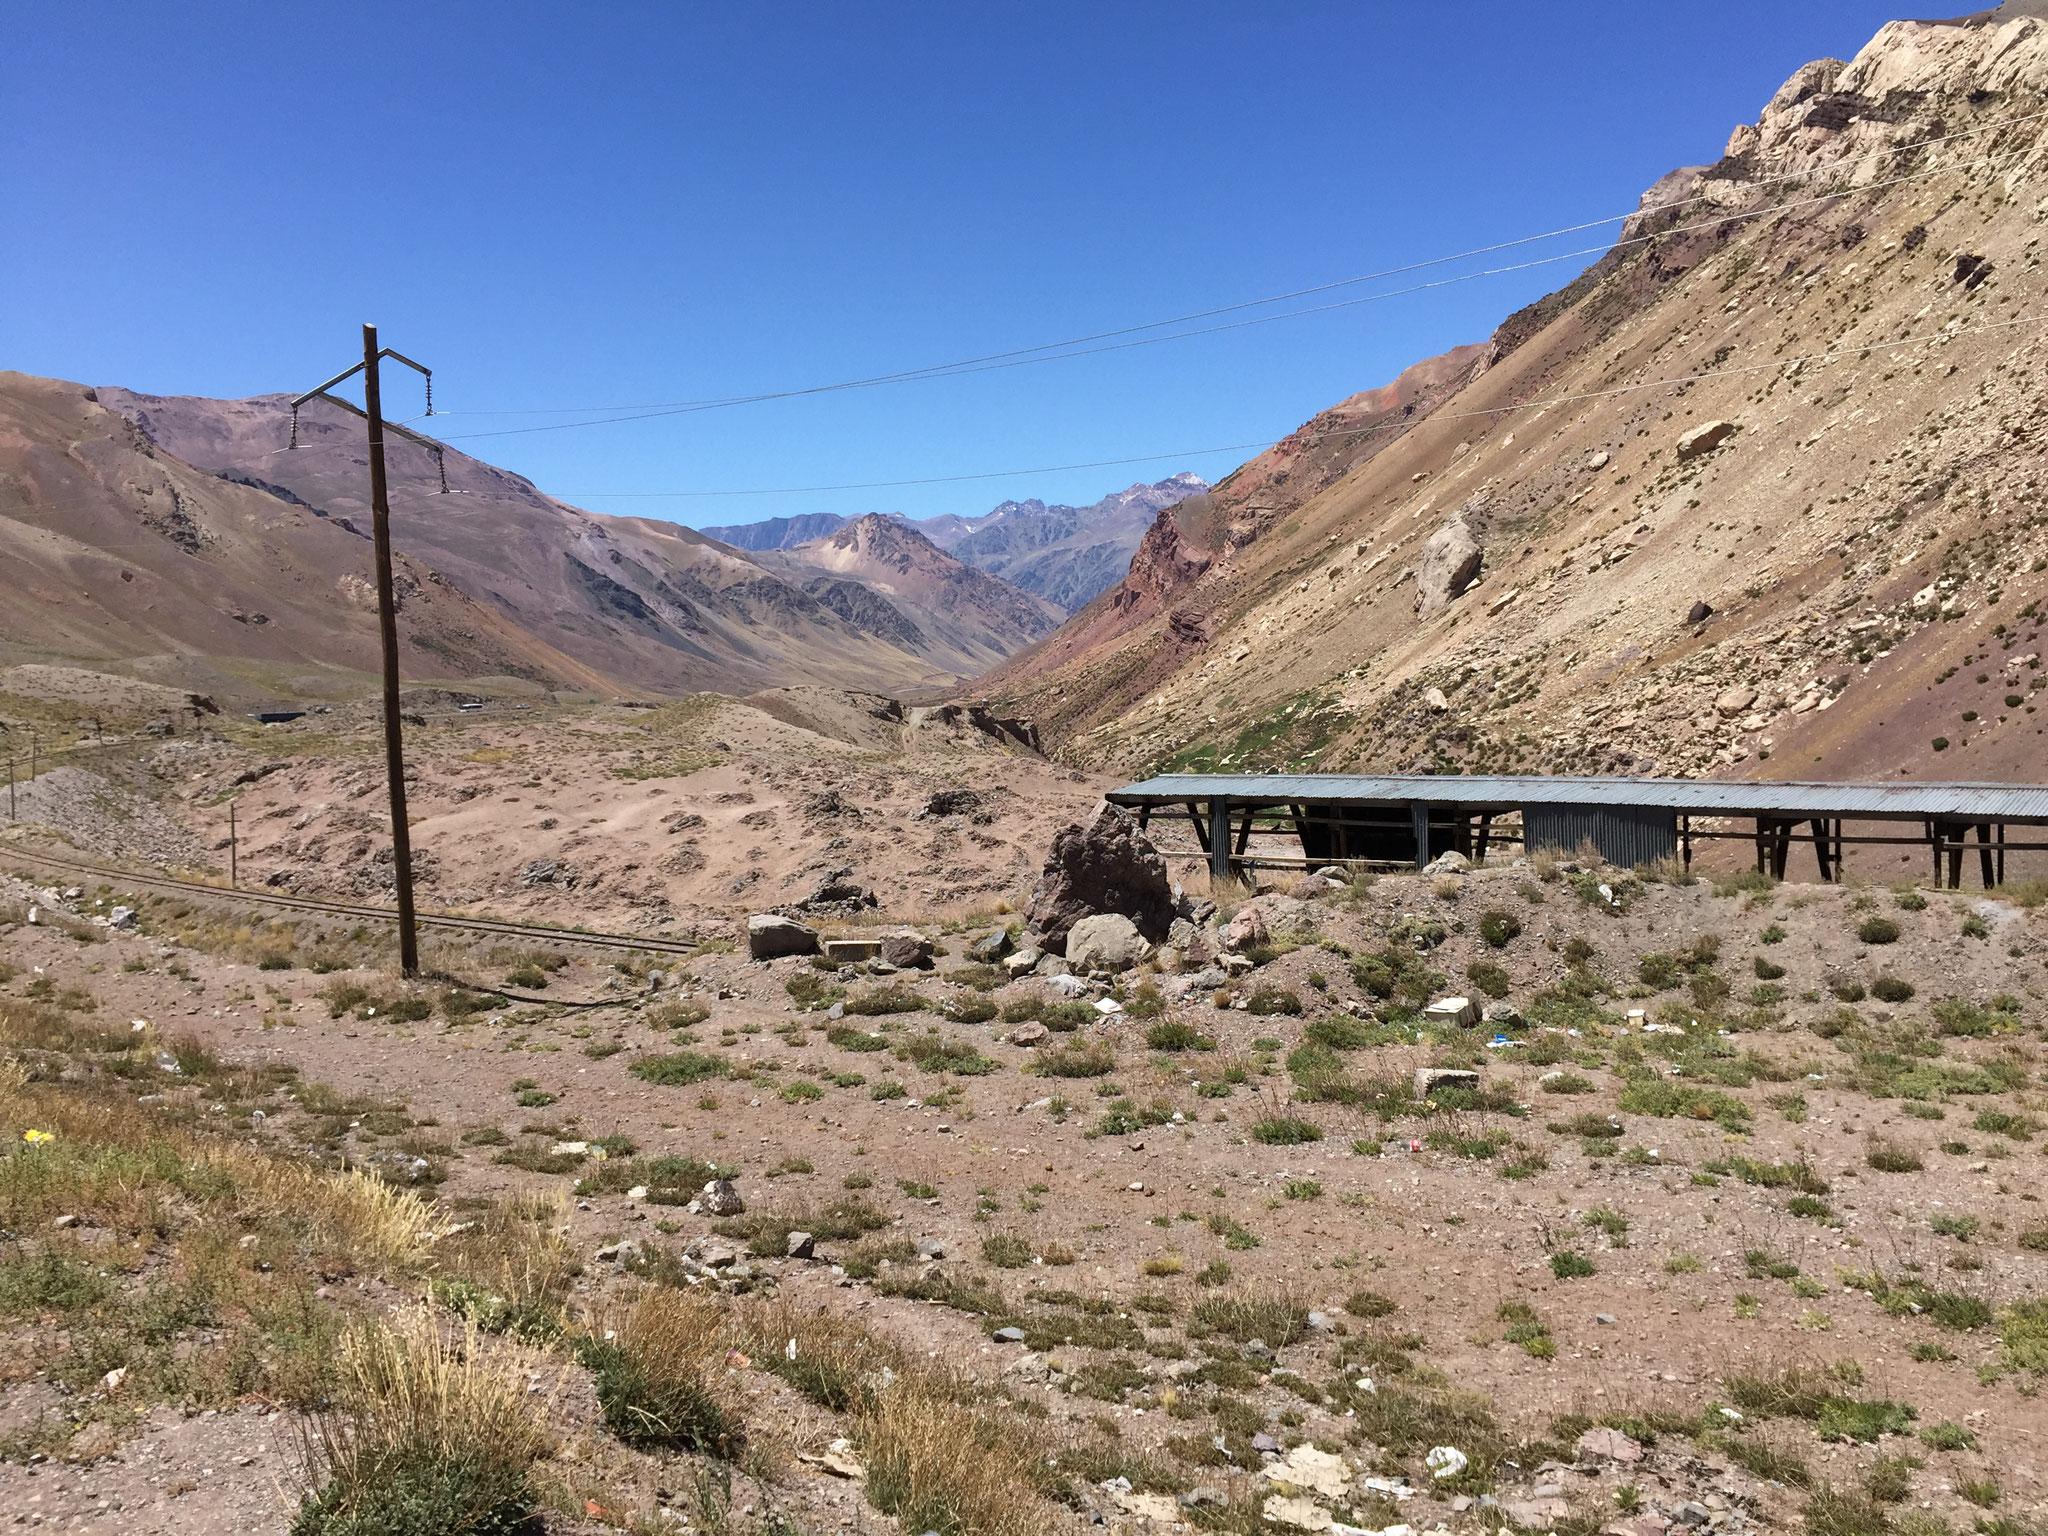 Eisenbahn über den Berg, leider nicht mehr in Betrieb